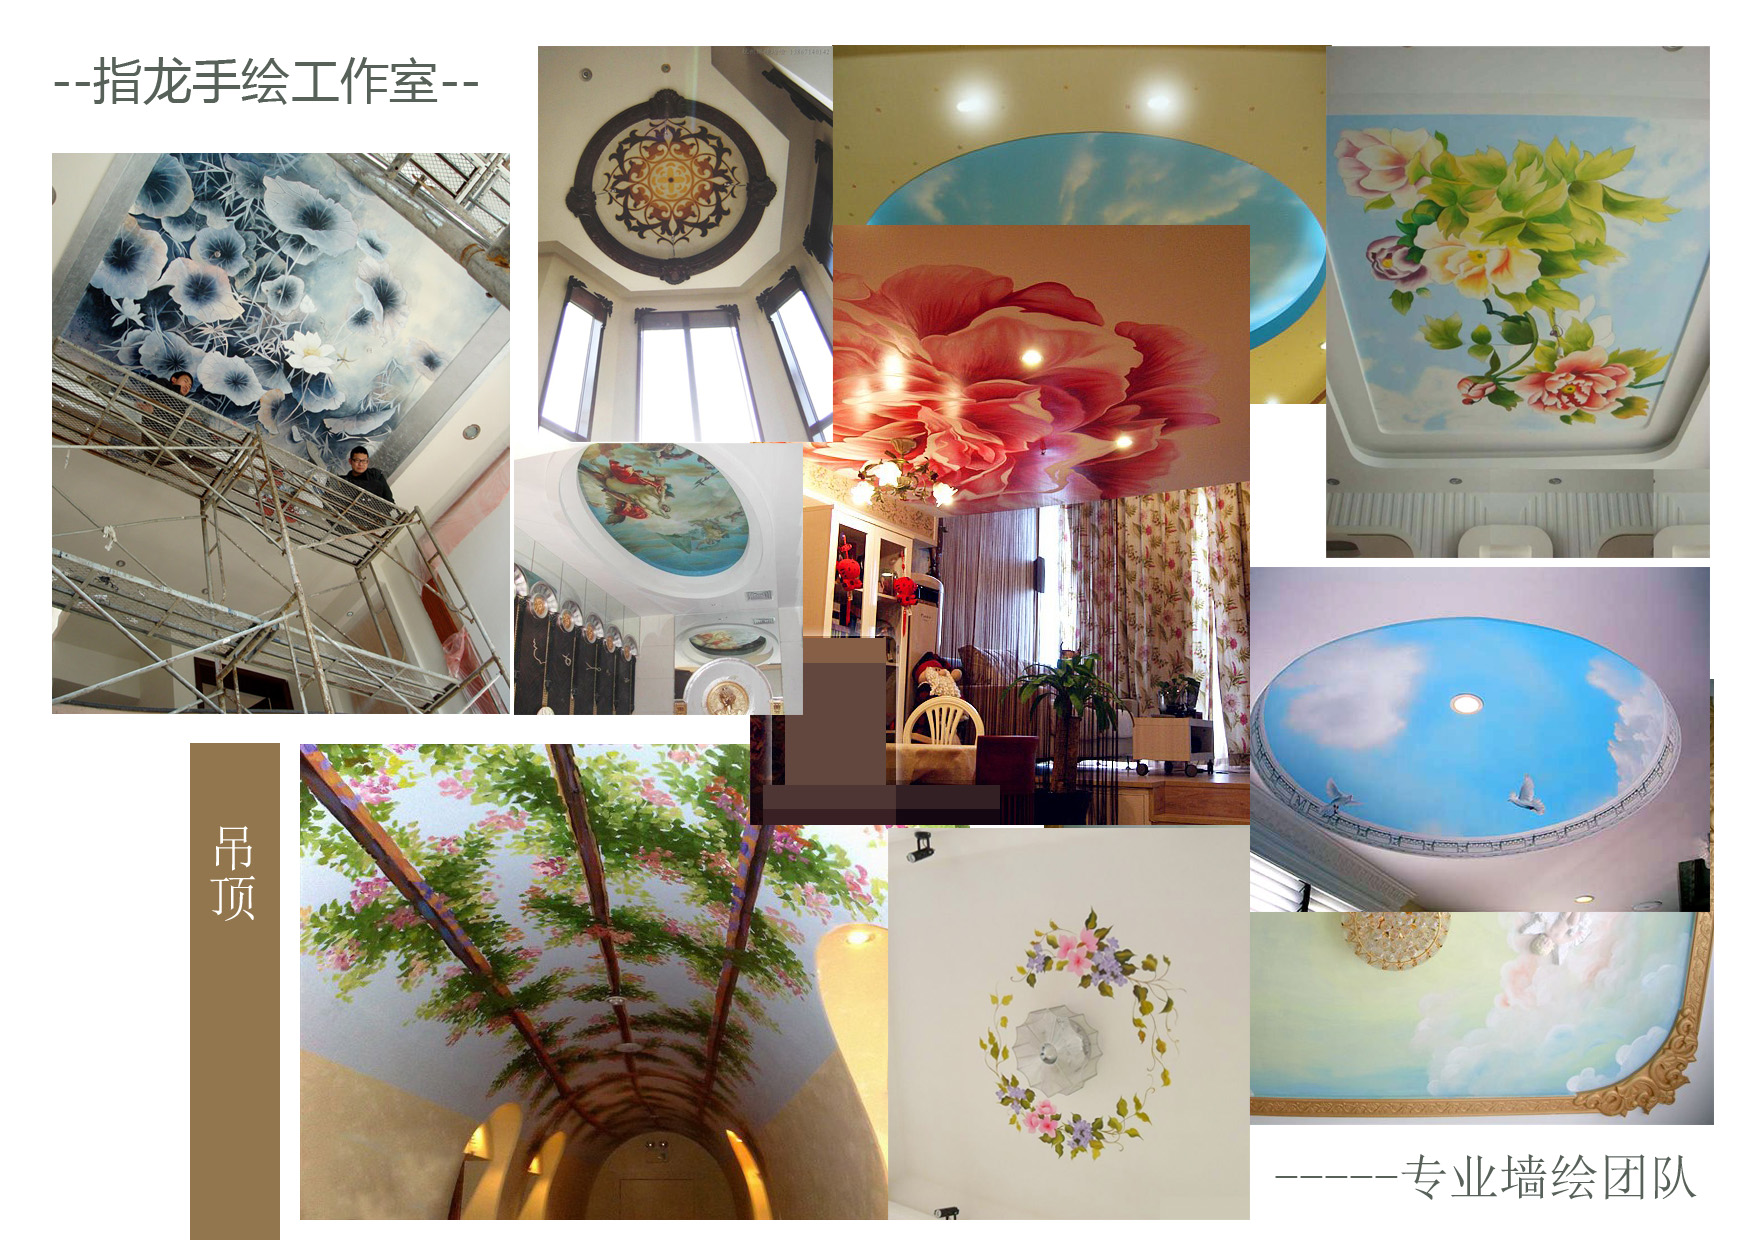 指龙绘画手绘墙绘彩绘背景墙儿童房家装形象墙涂鸦工装